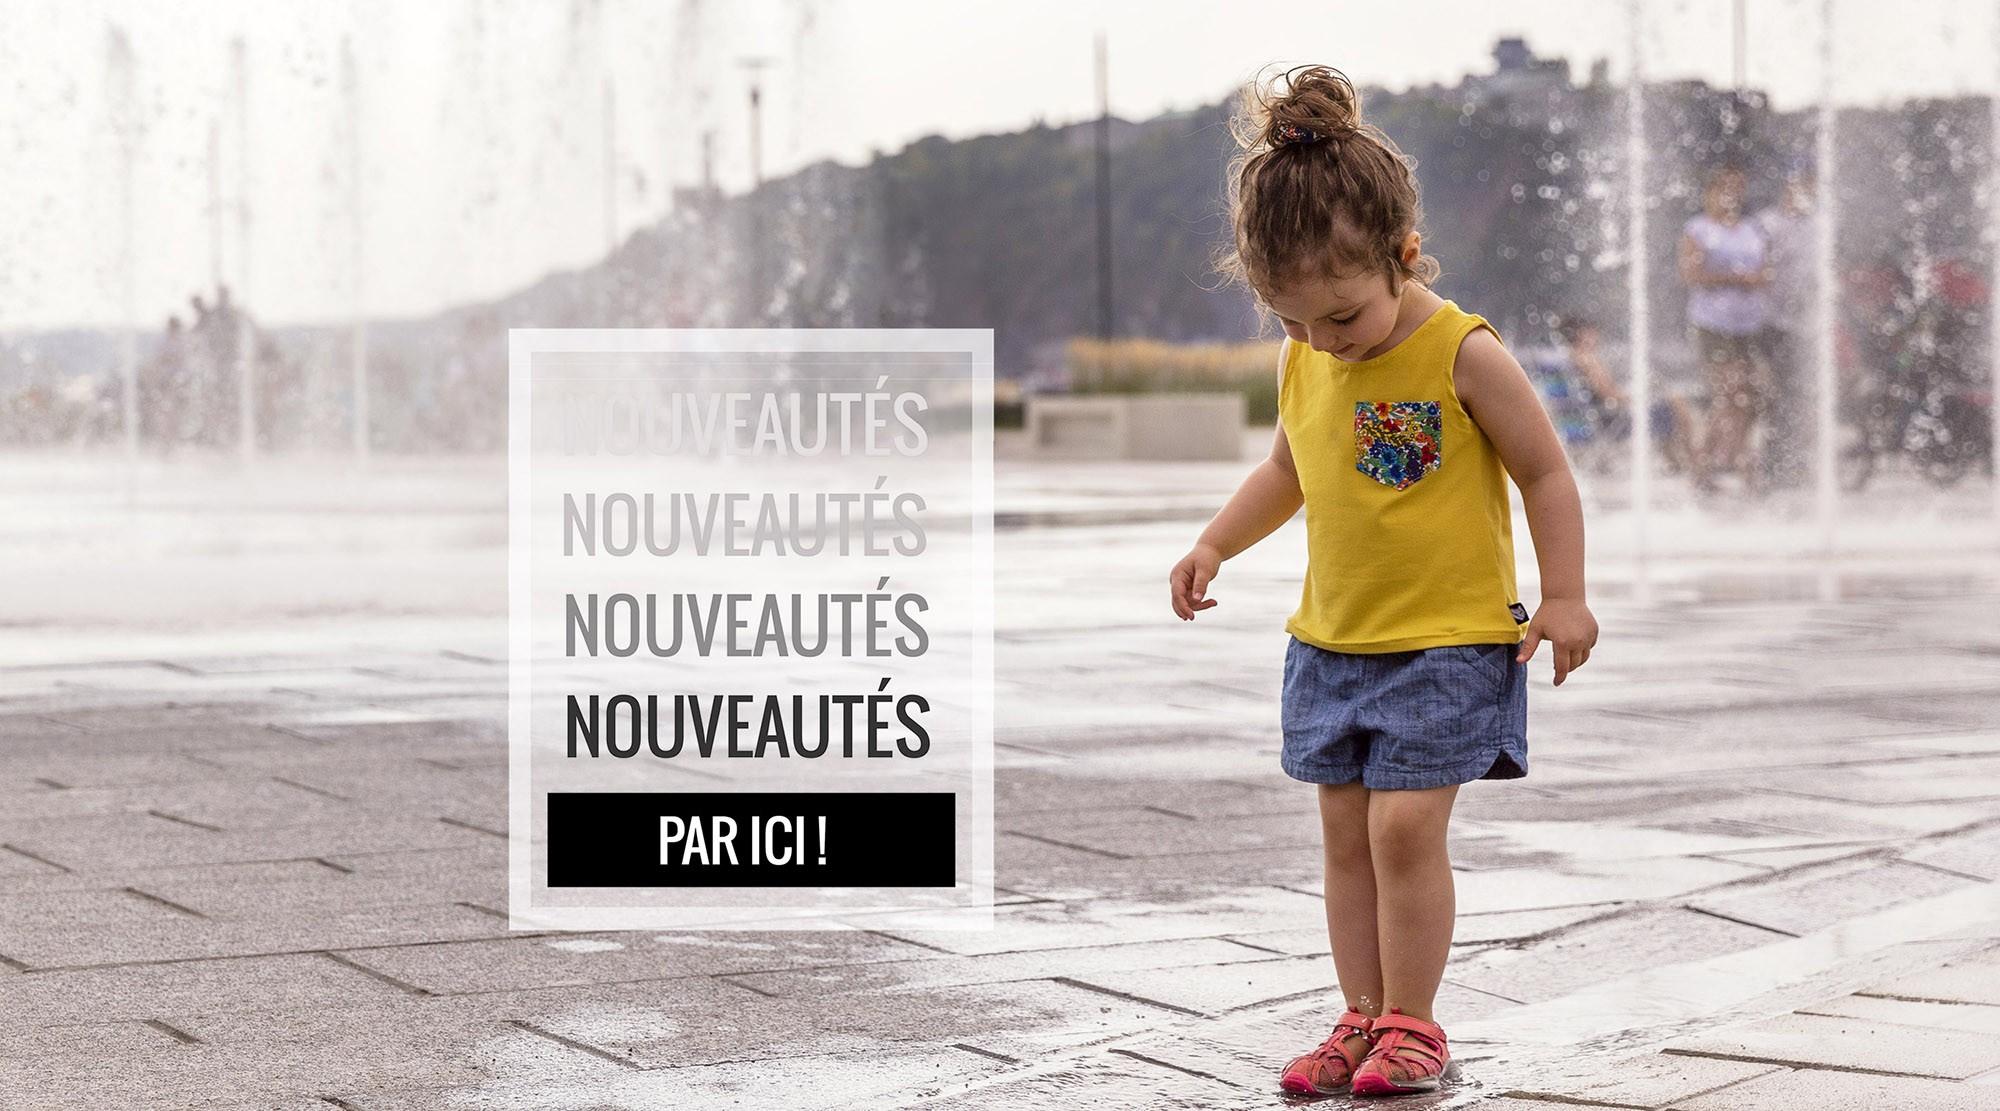 Nouveautés Chandaildeloup.com